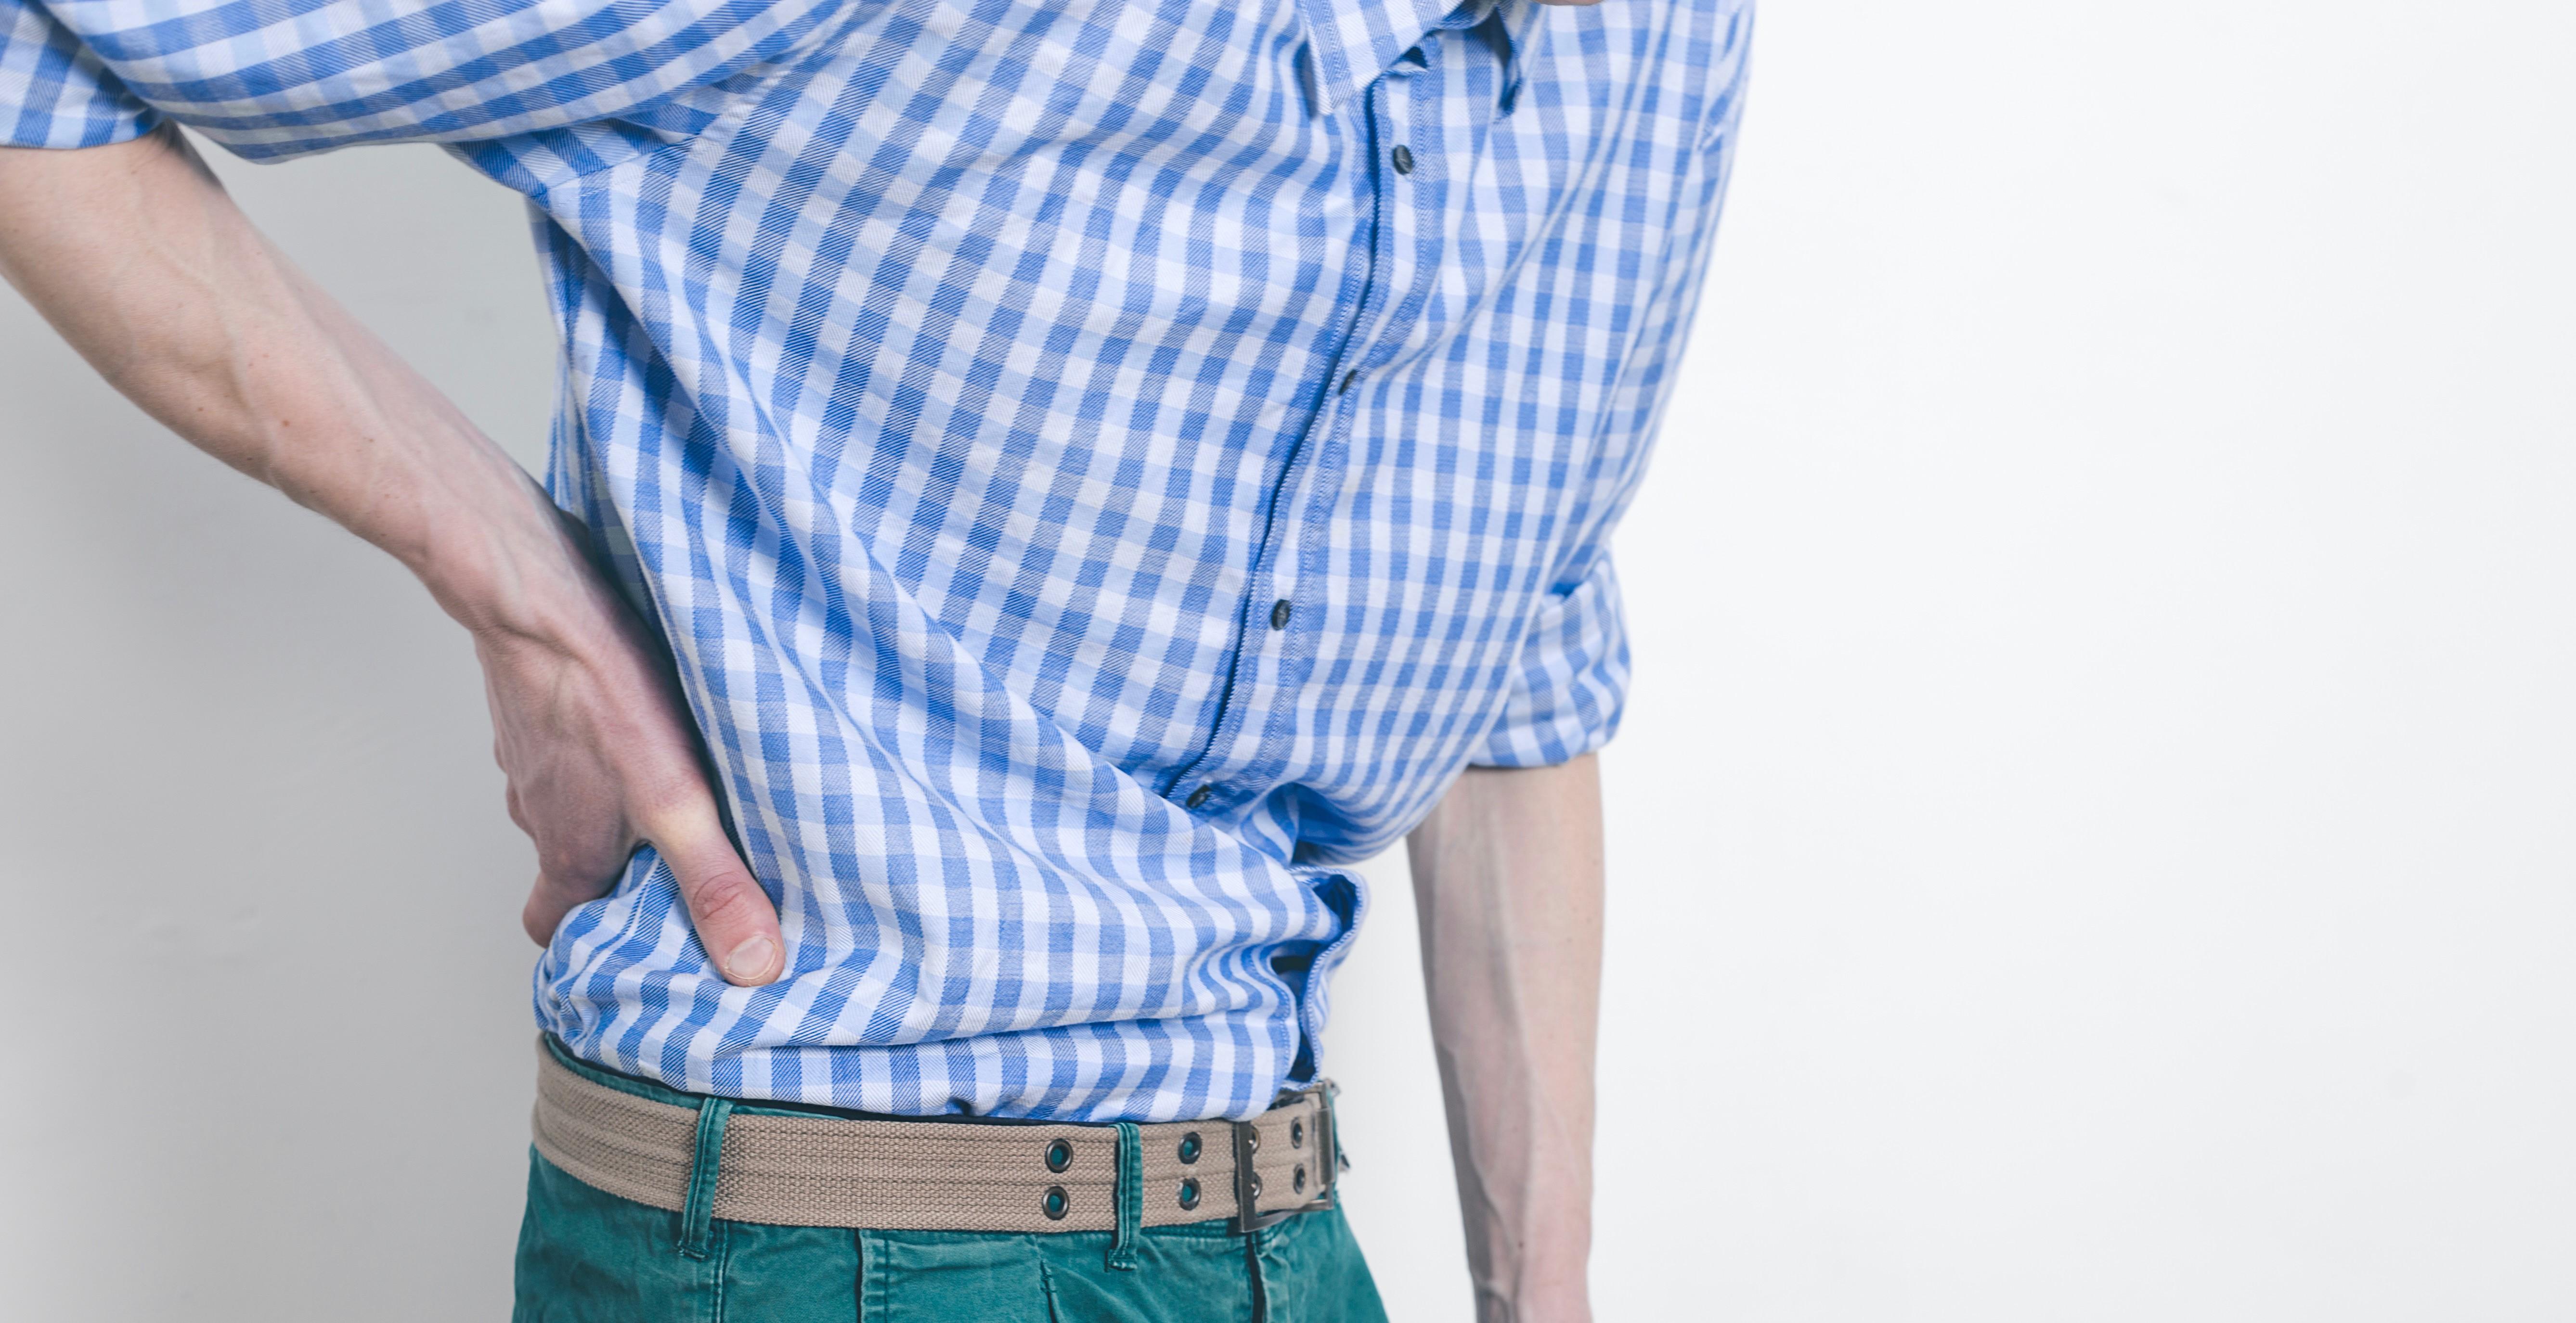 pain-kidneys-man-holds-sore-back